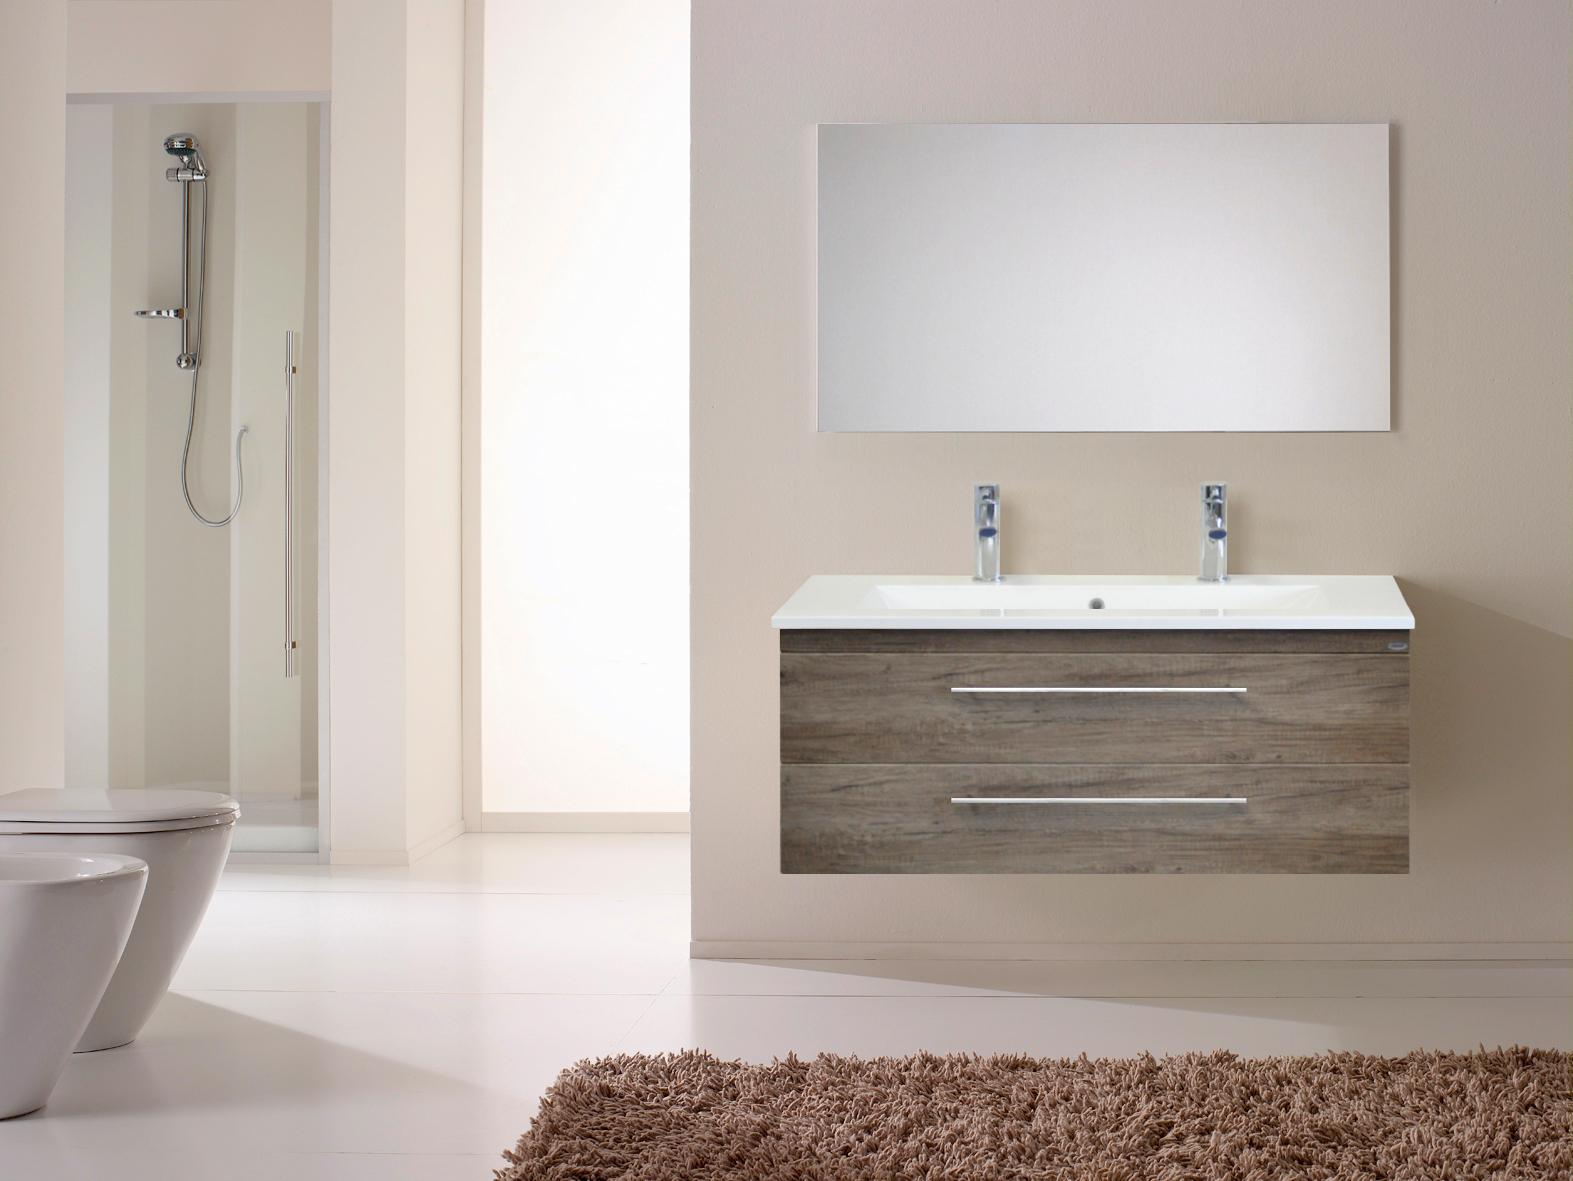 Badkamermeubelset Sanicare Q15 2 Laden Schots-Eiken (spiegel optioneel)